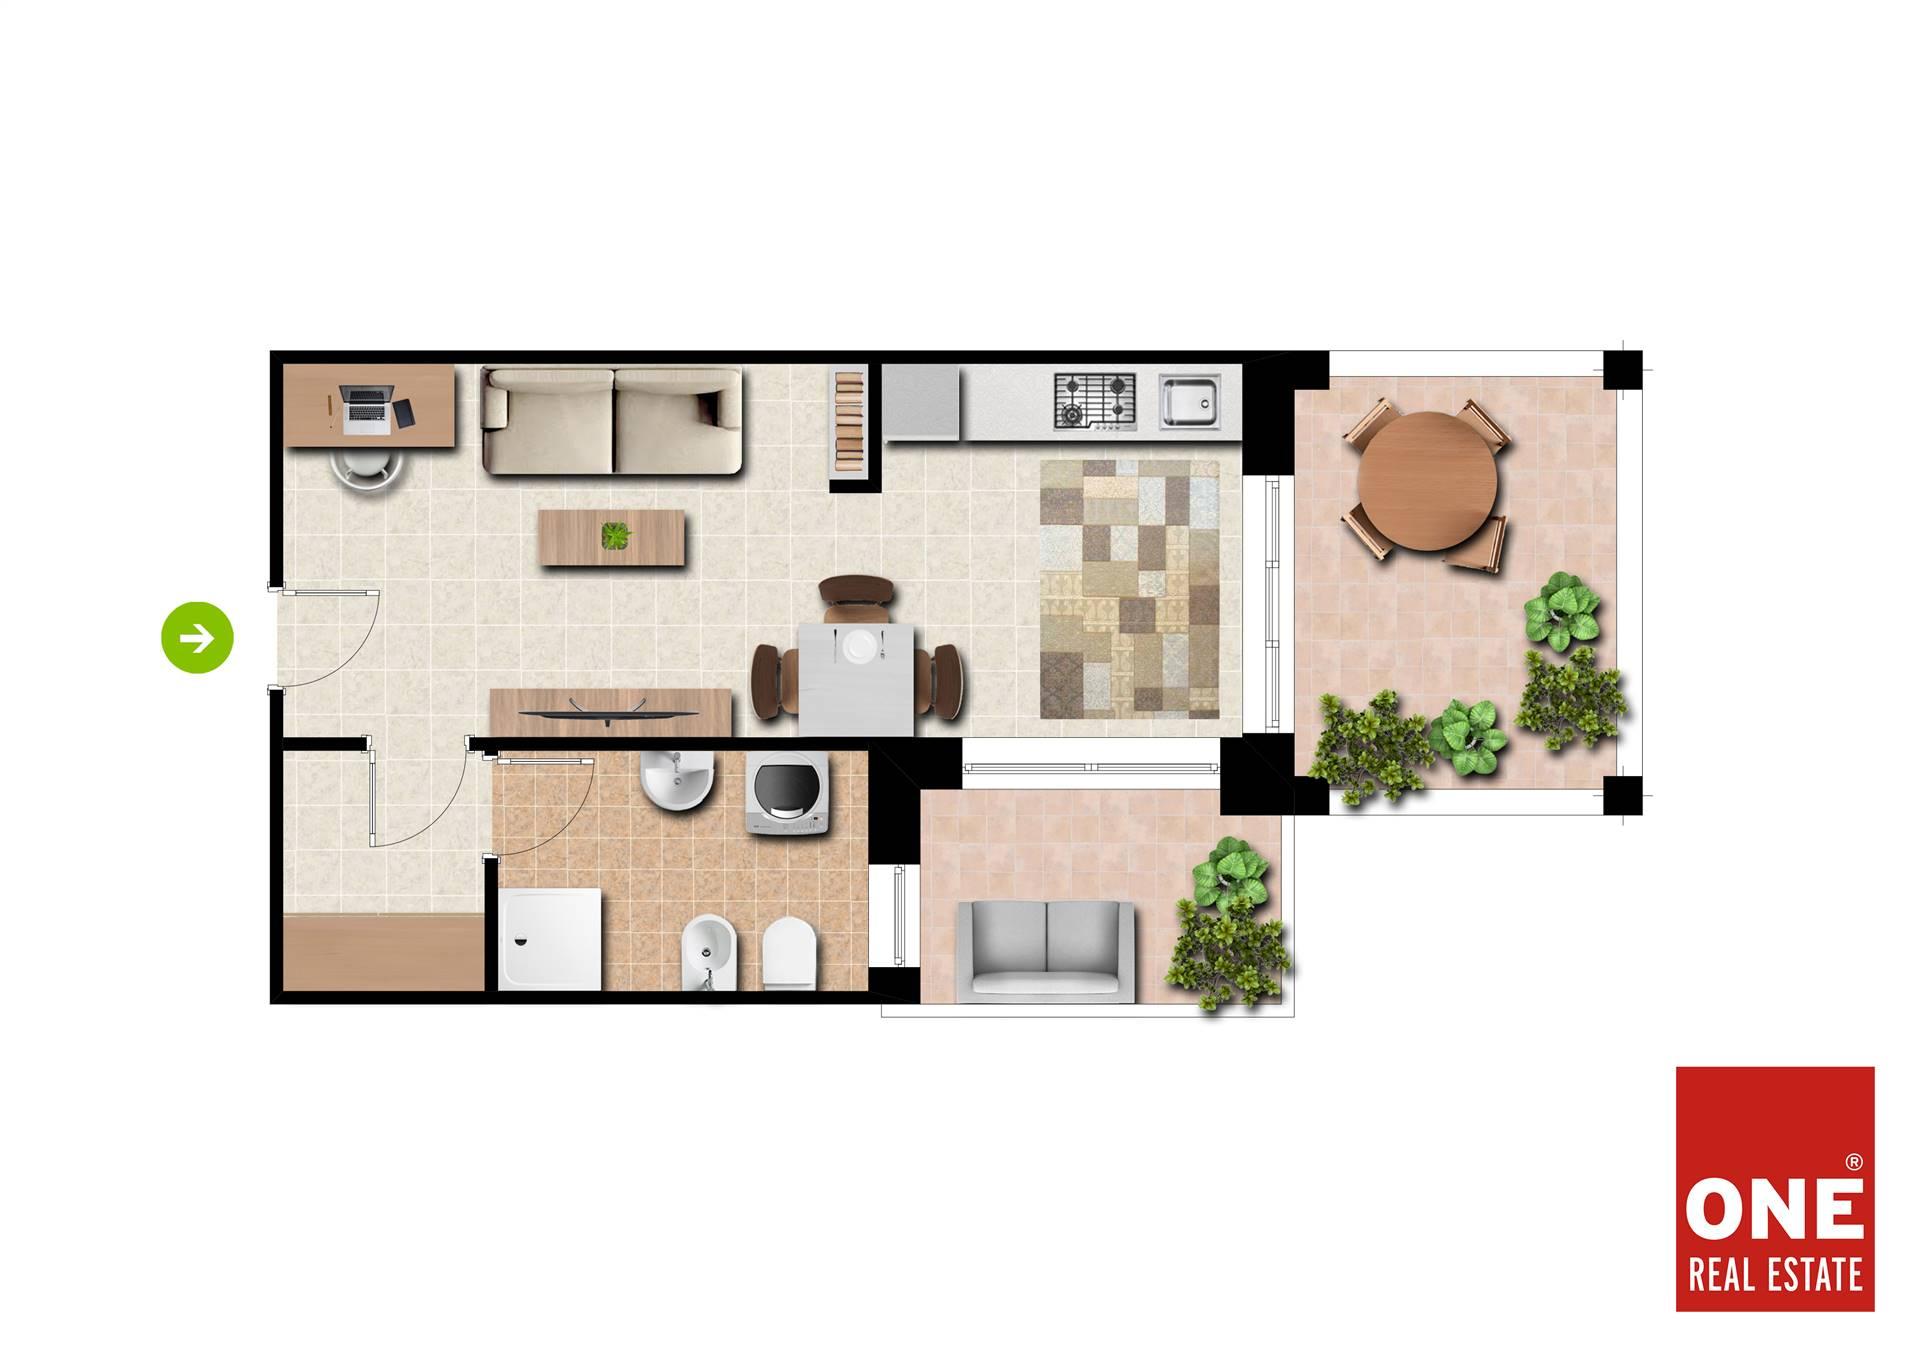 Appartamento in vendita a Seregno, 1 locali, prezzo € 78.000   CambioCasa.it